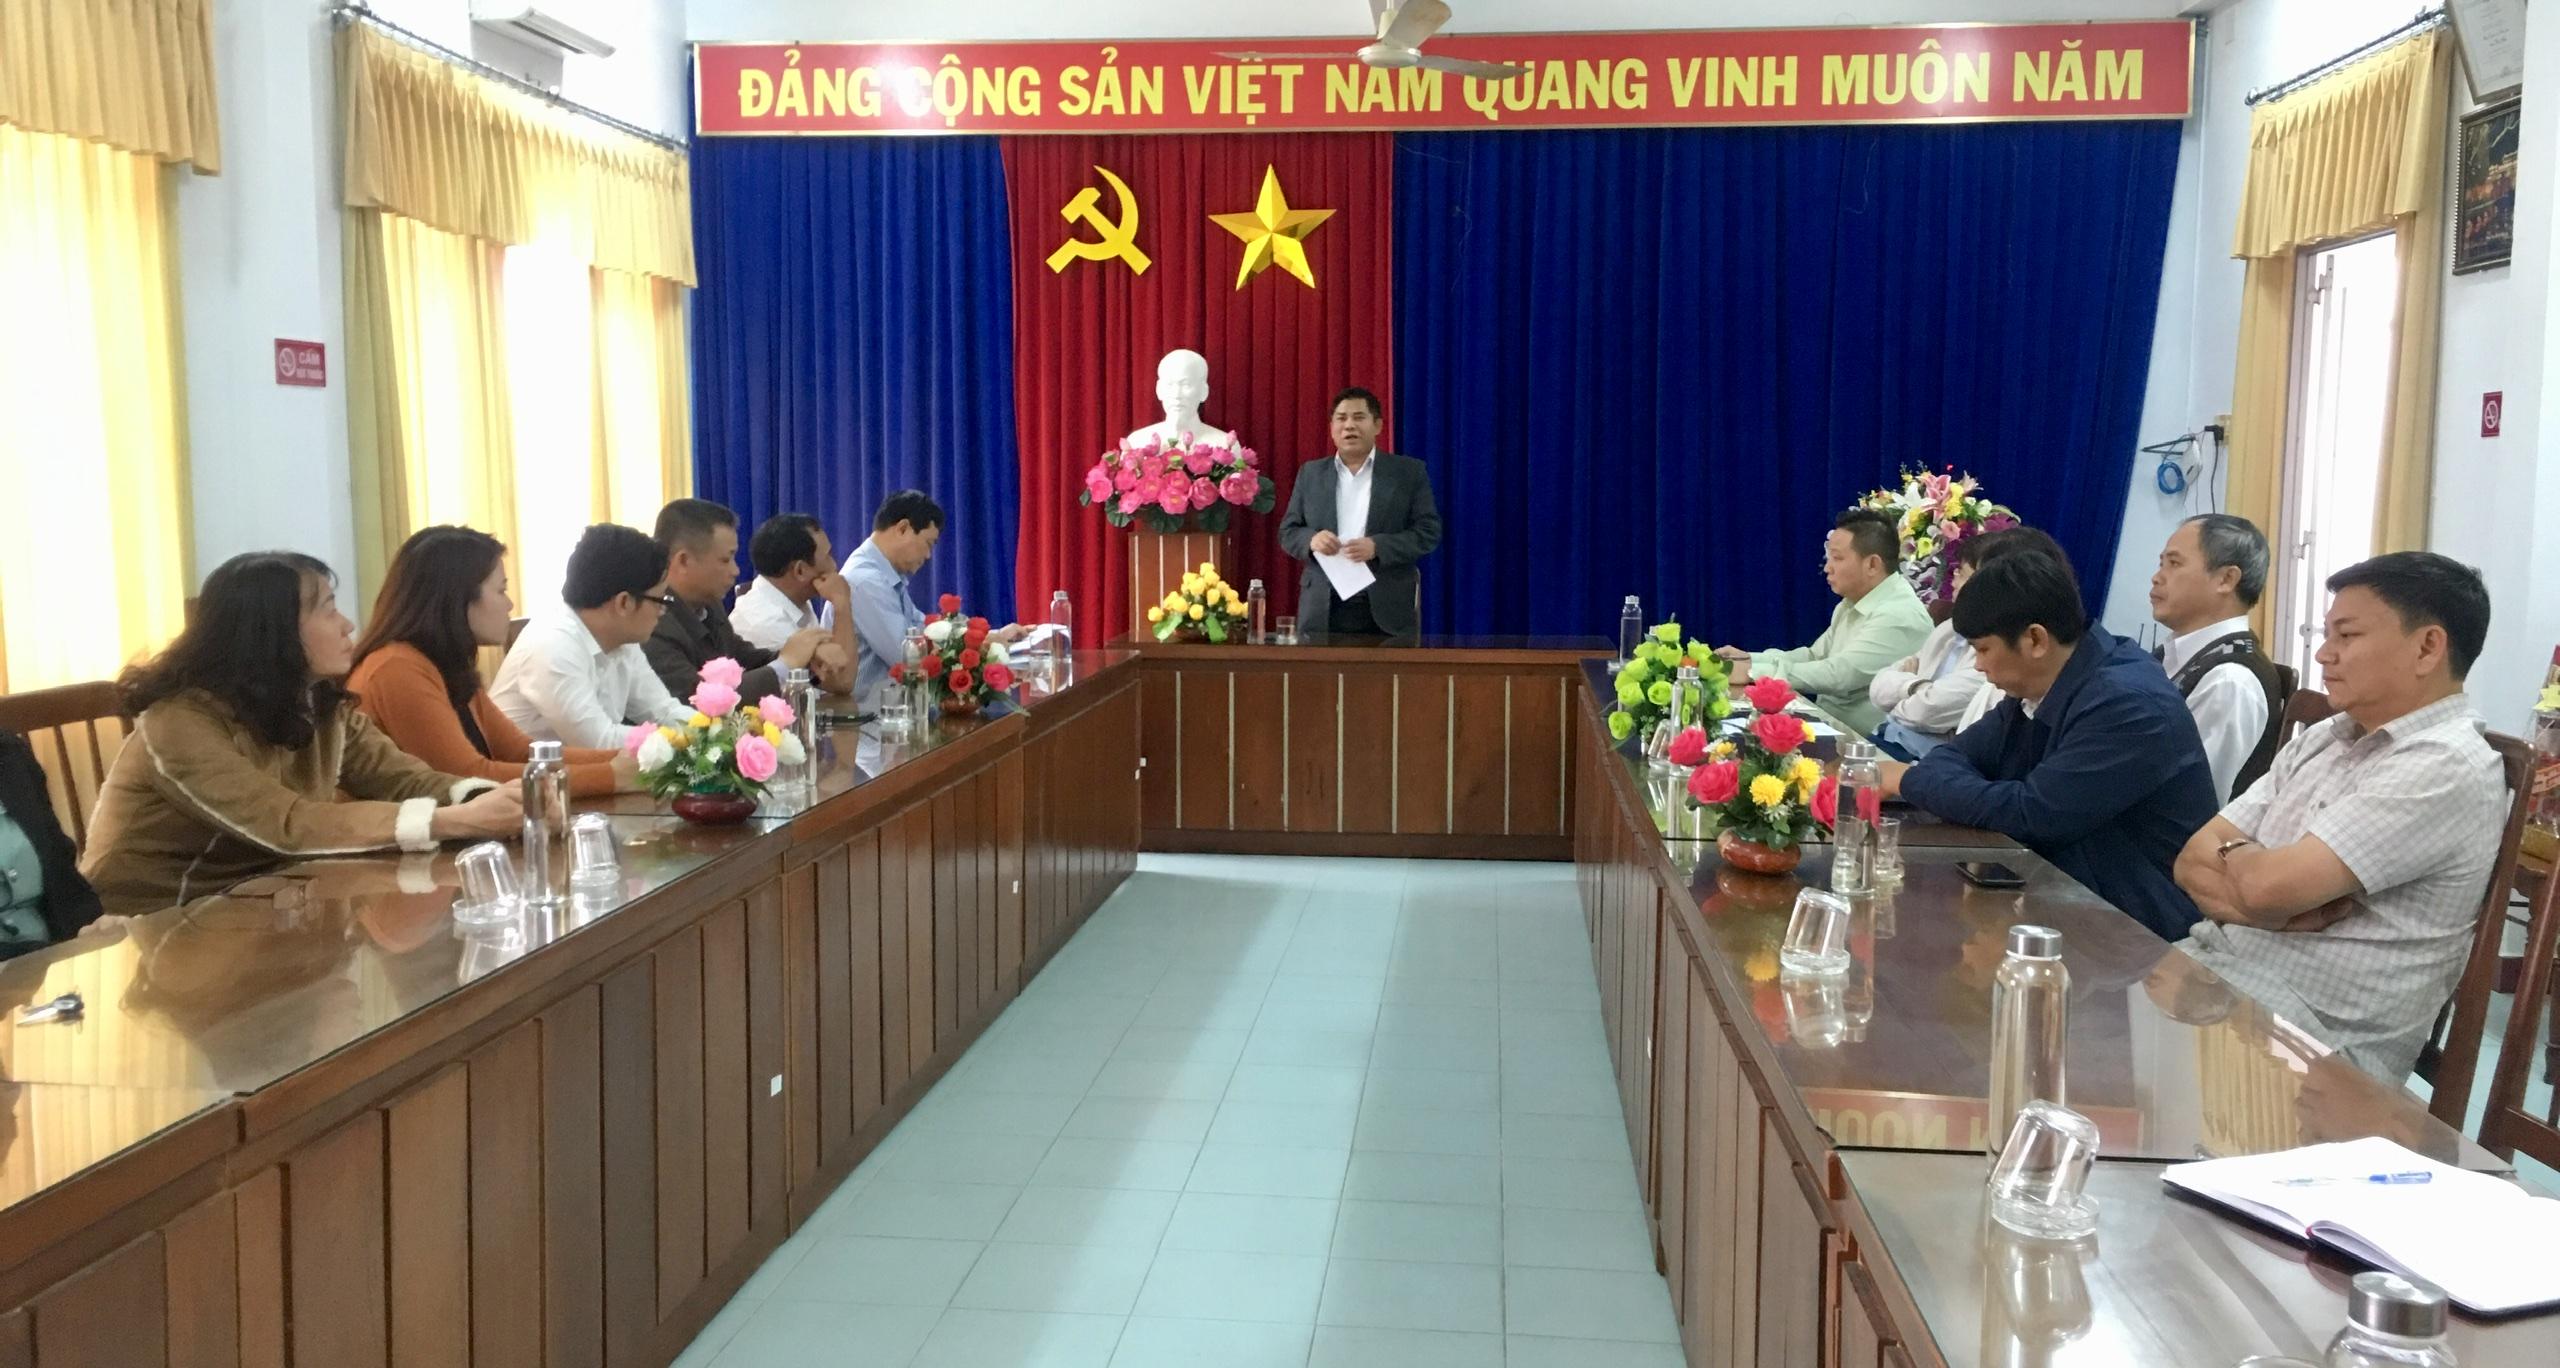 Thứ trưởng, Phó Chủ nhiệm Y Thông phát biểu tại buổi làm việc với Ban Dân tộc tỉnh Phú Yên